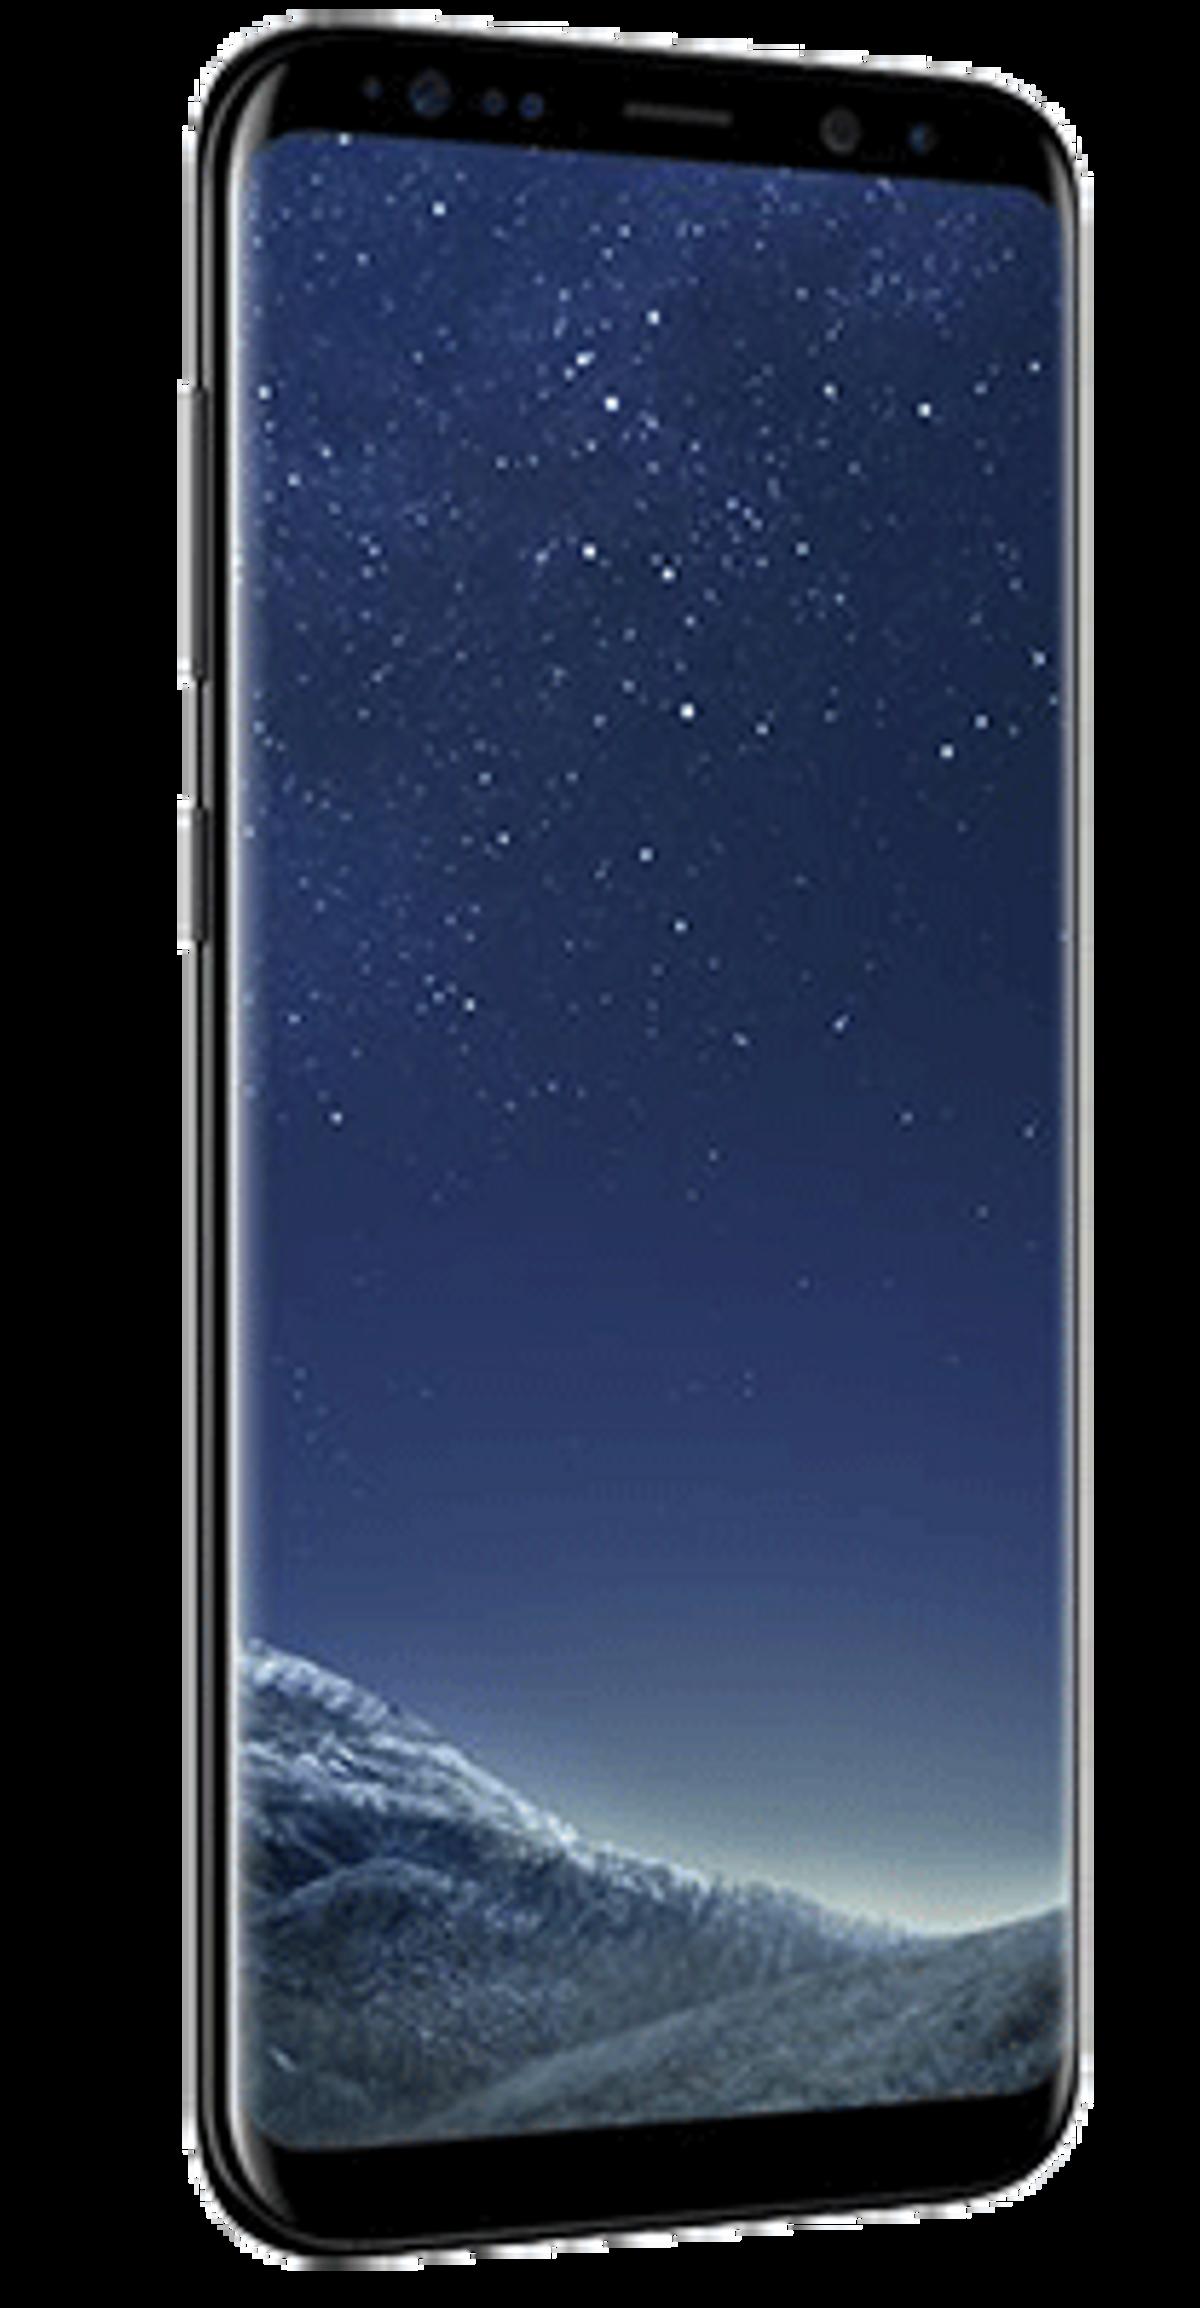 স্যামসাং গ্যালাক্সি S8 Plus 128GB